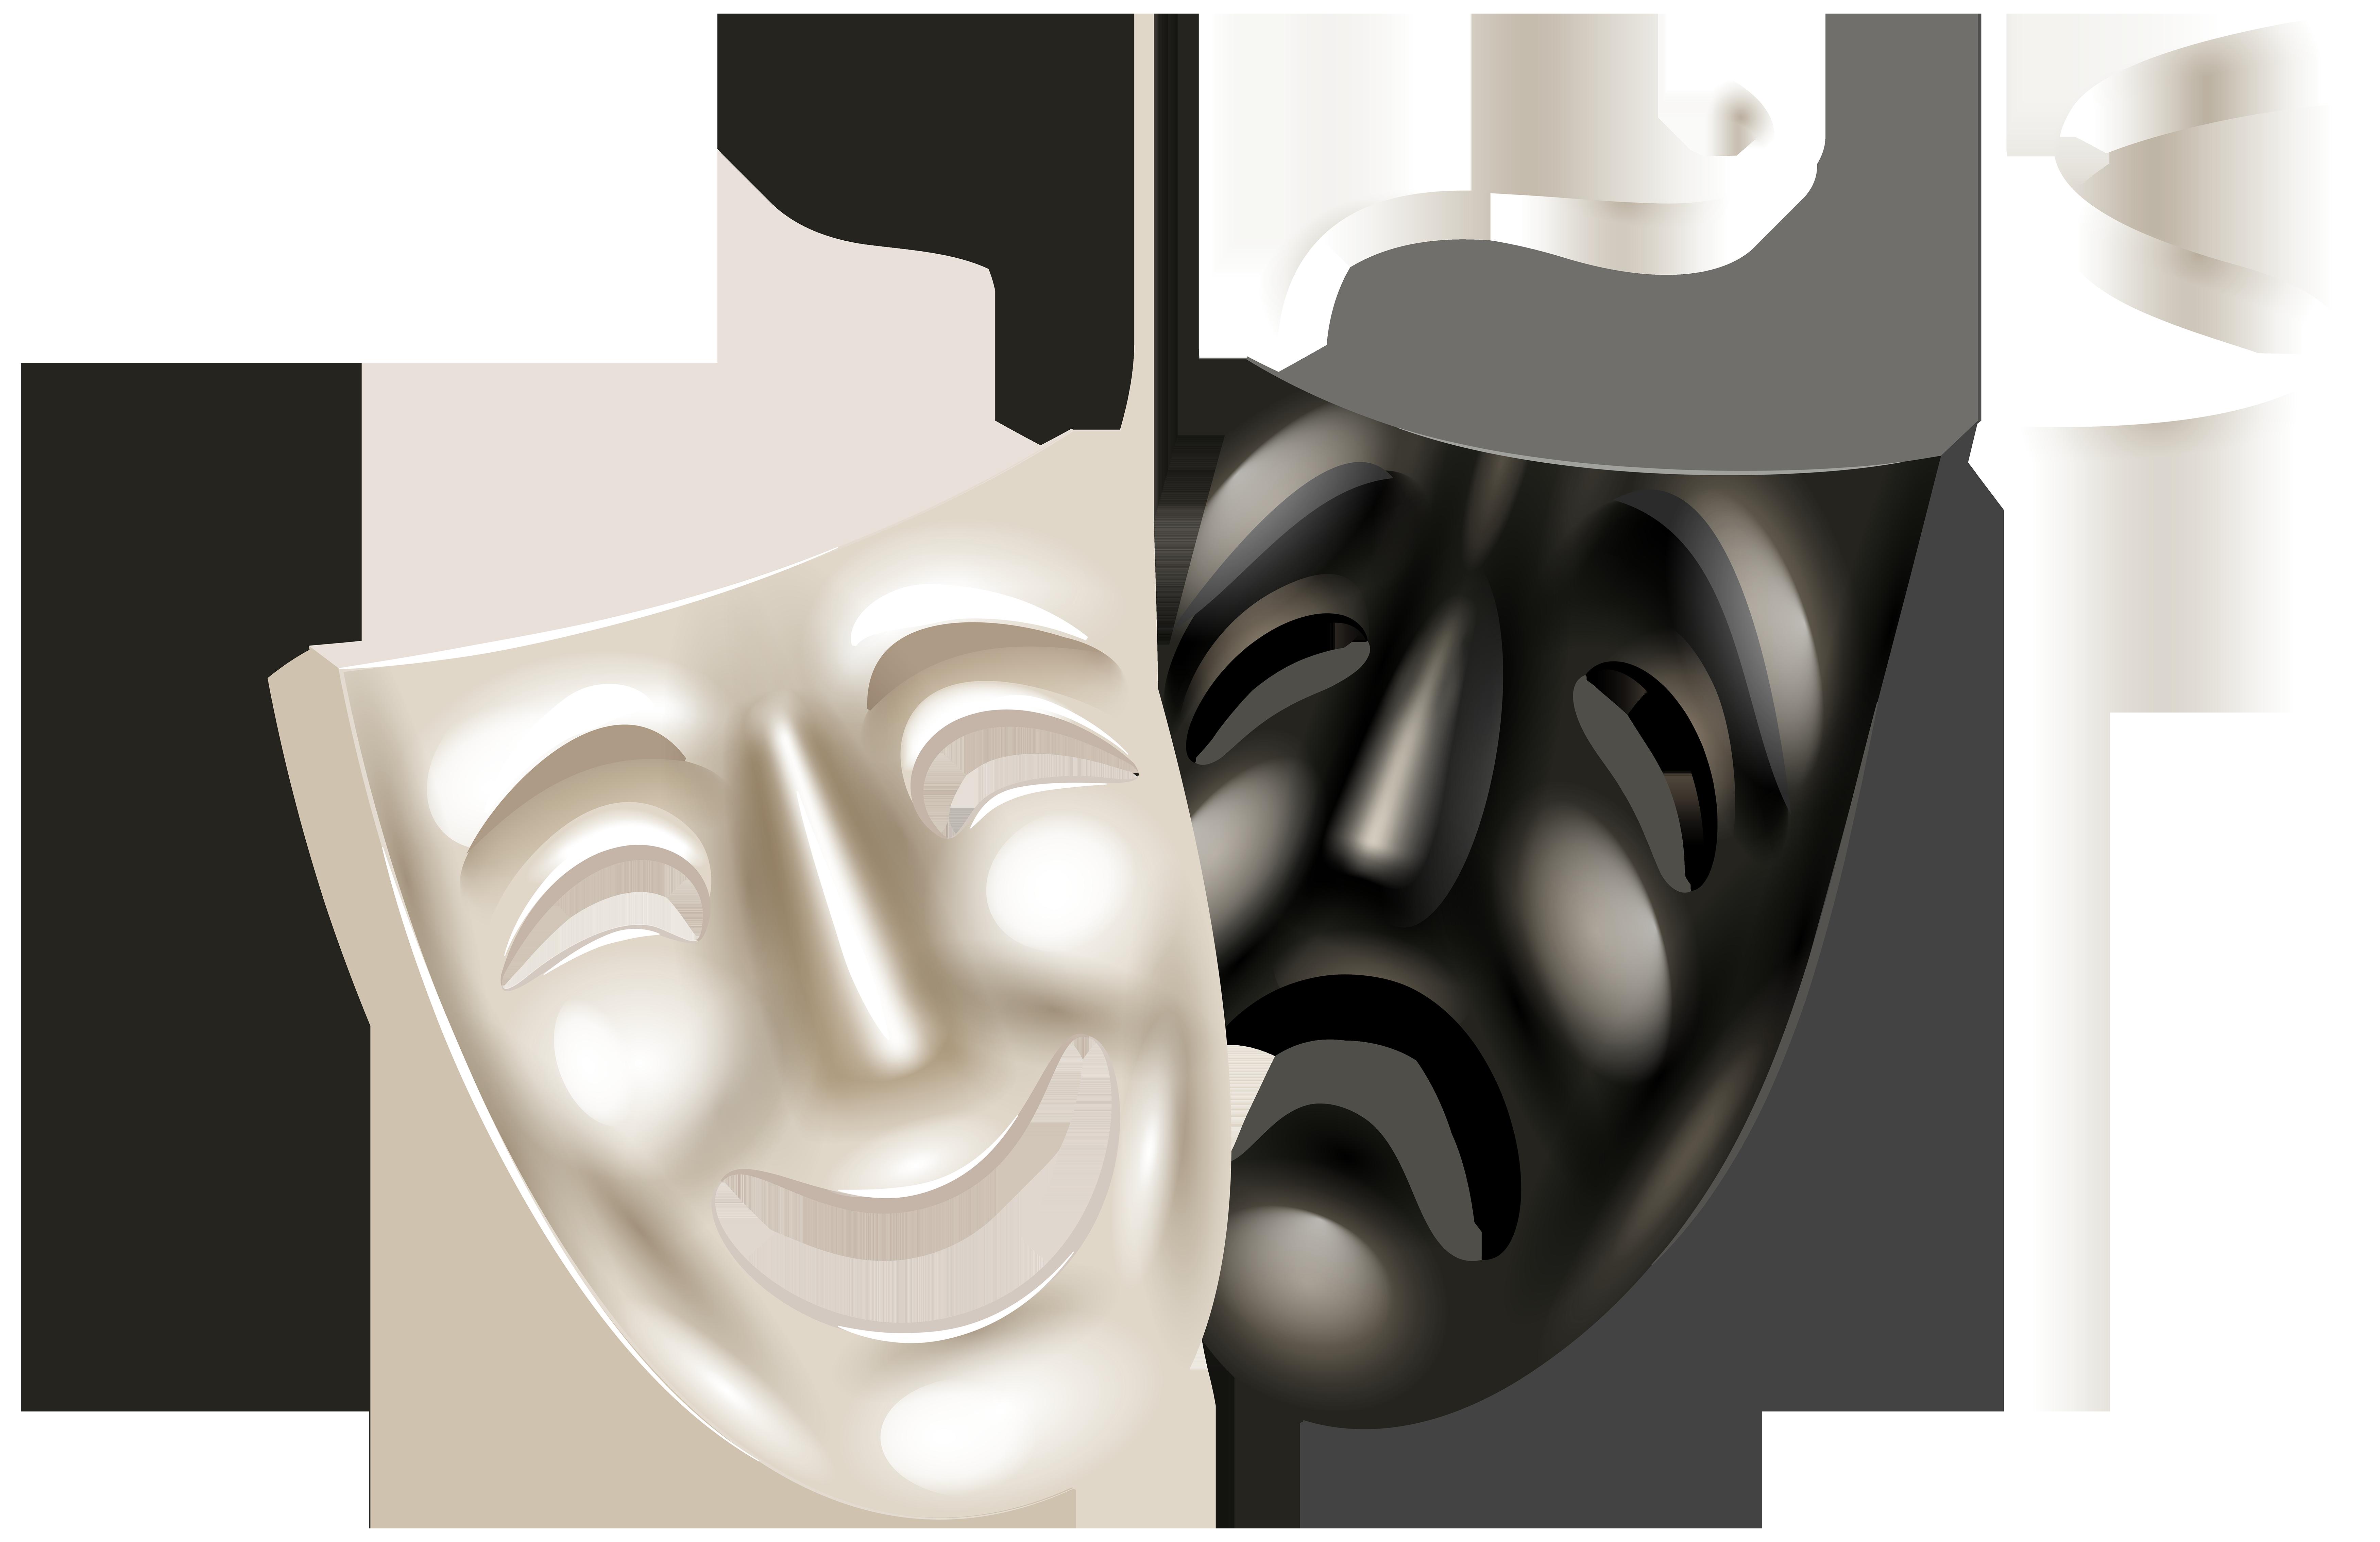 Theater Masken Wallpaper